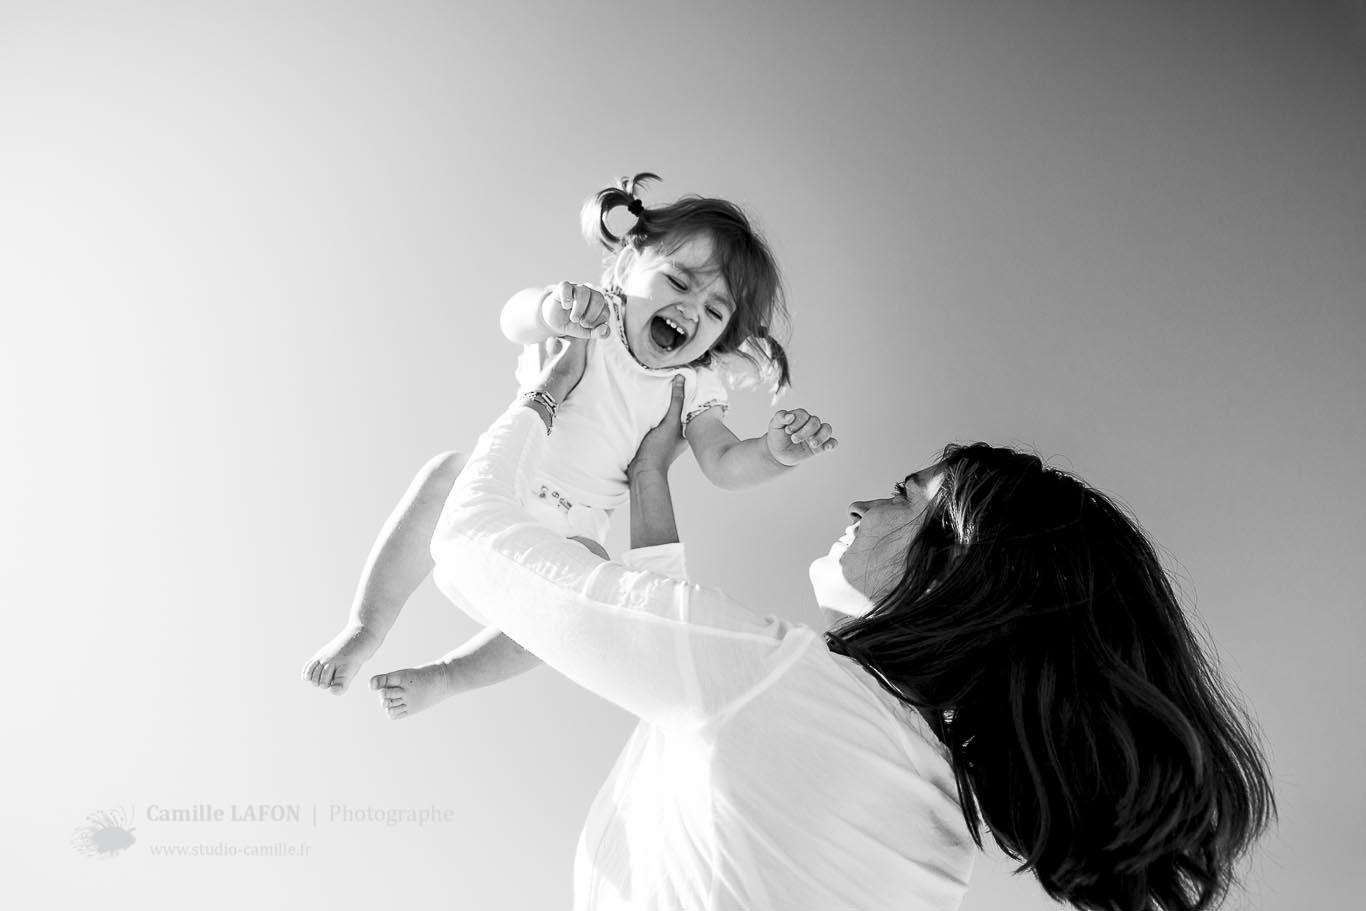 Photographe portrait famille mariage montpellier